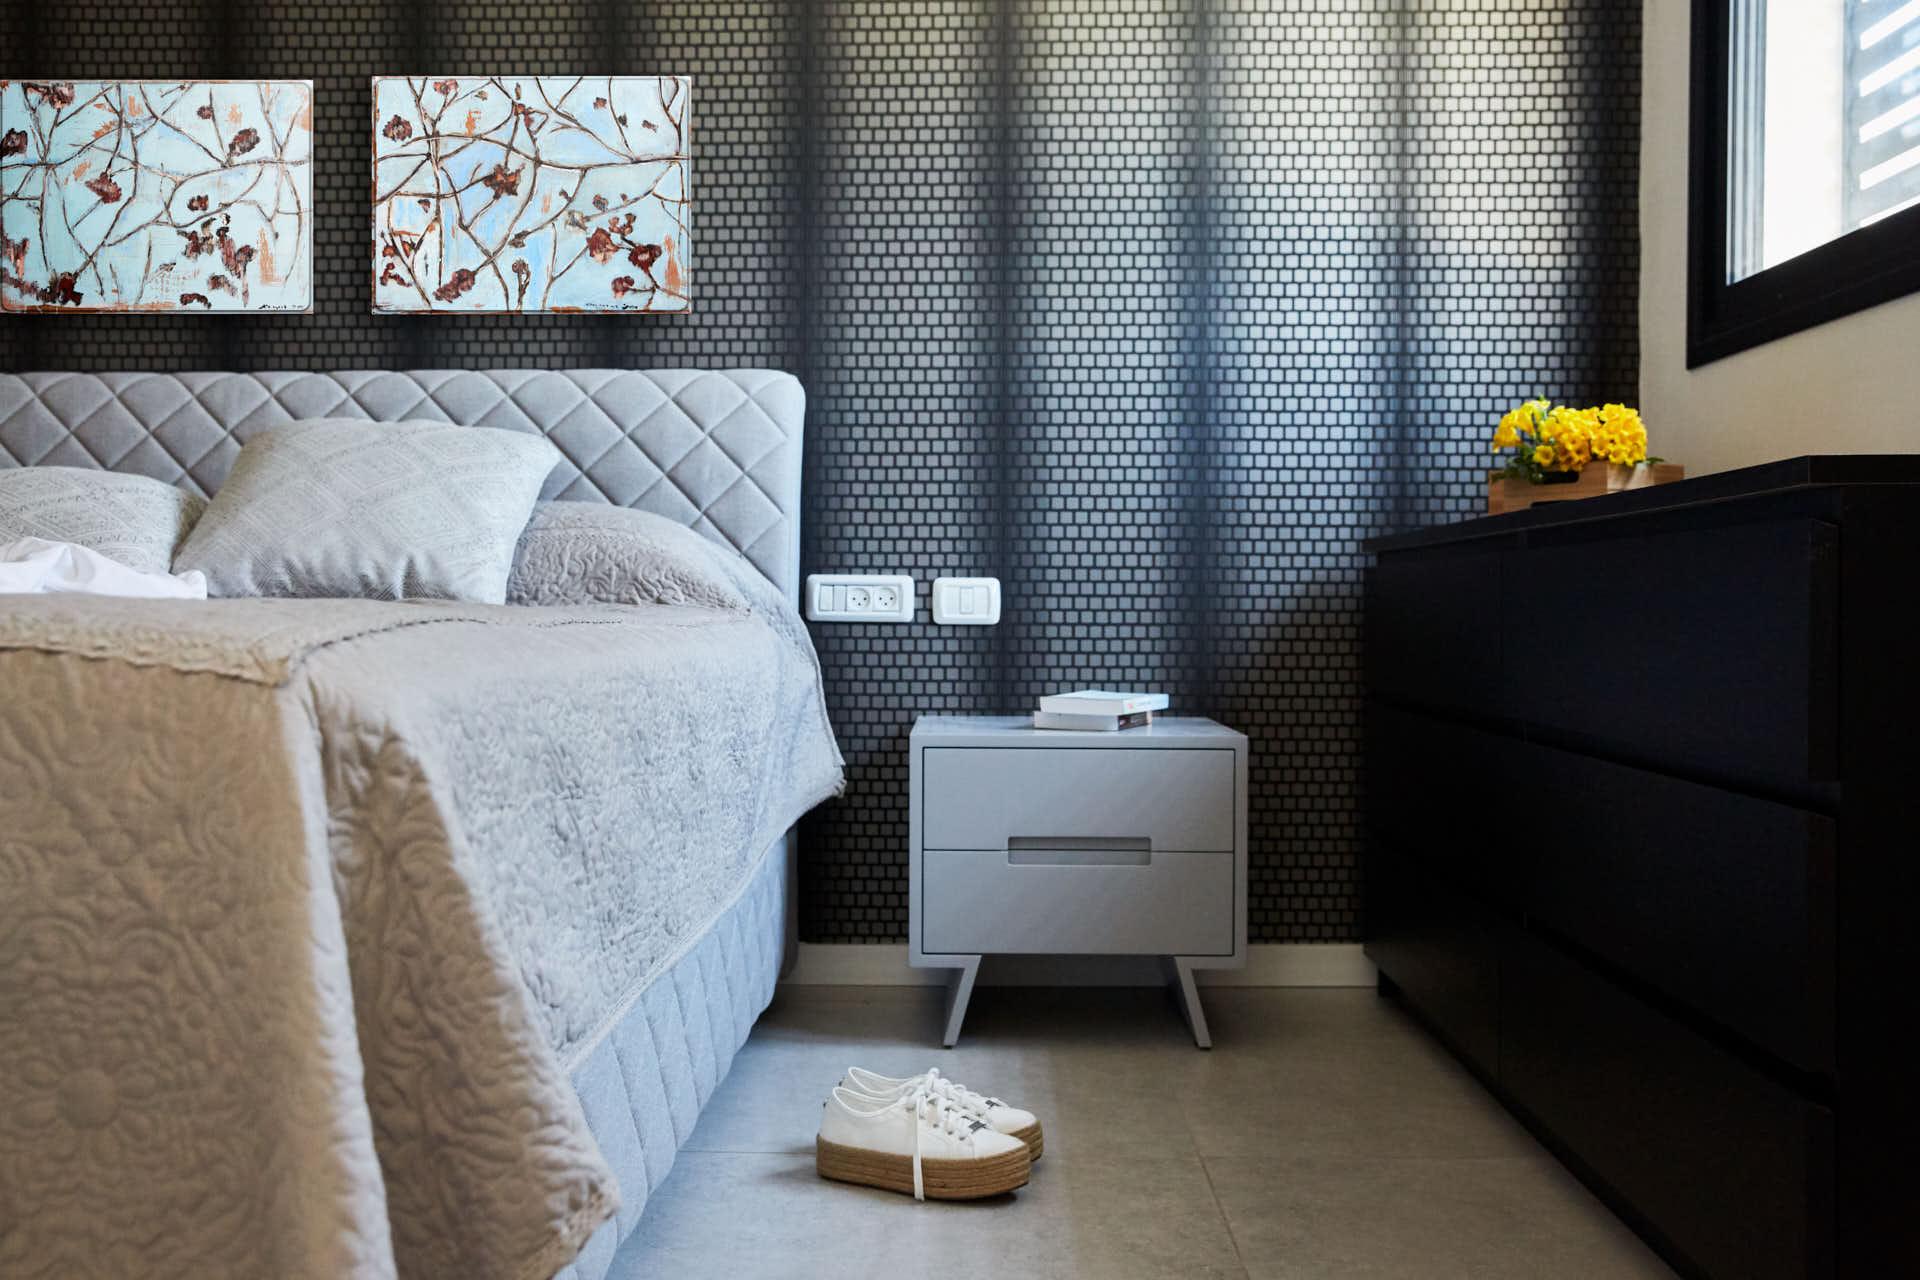 עיצוב חדר שינה ענבל חן – רב בריח